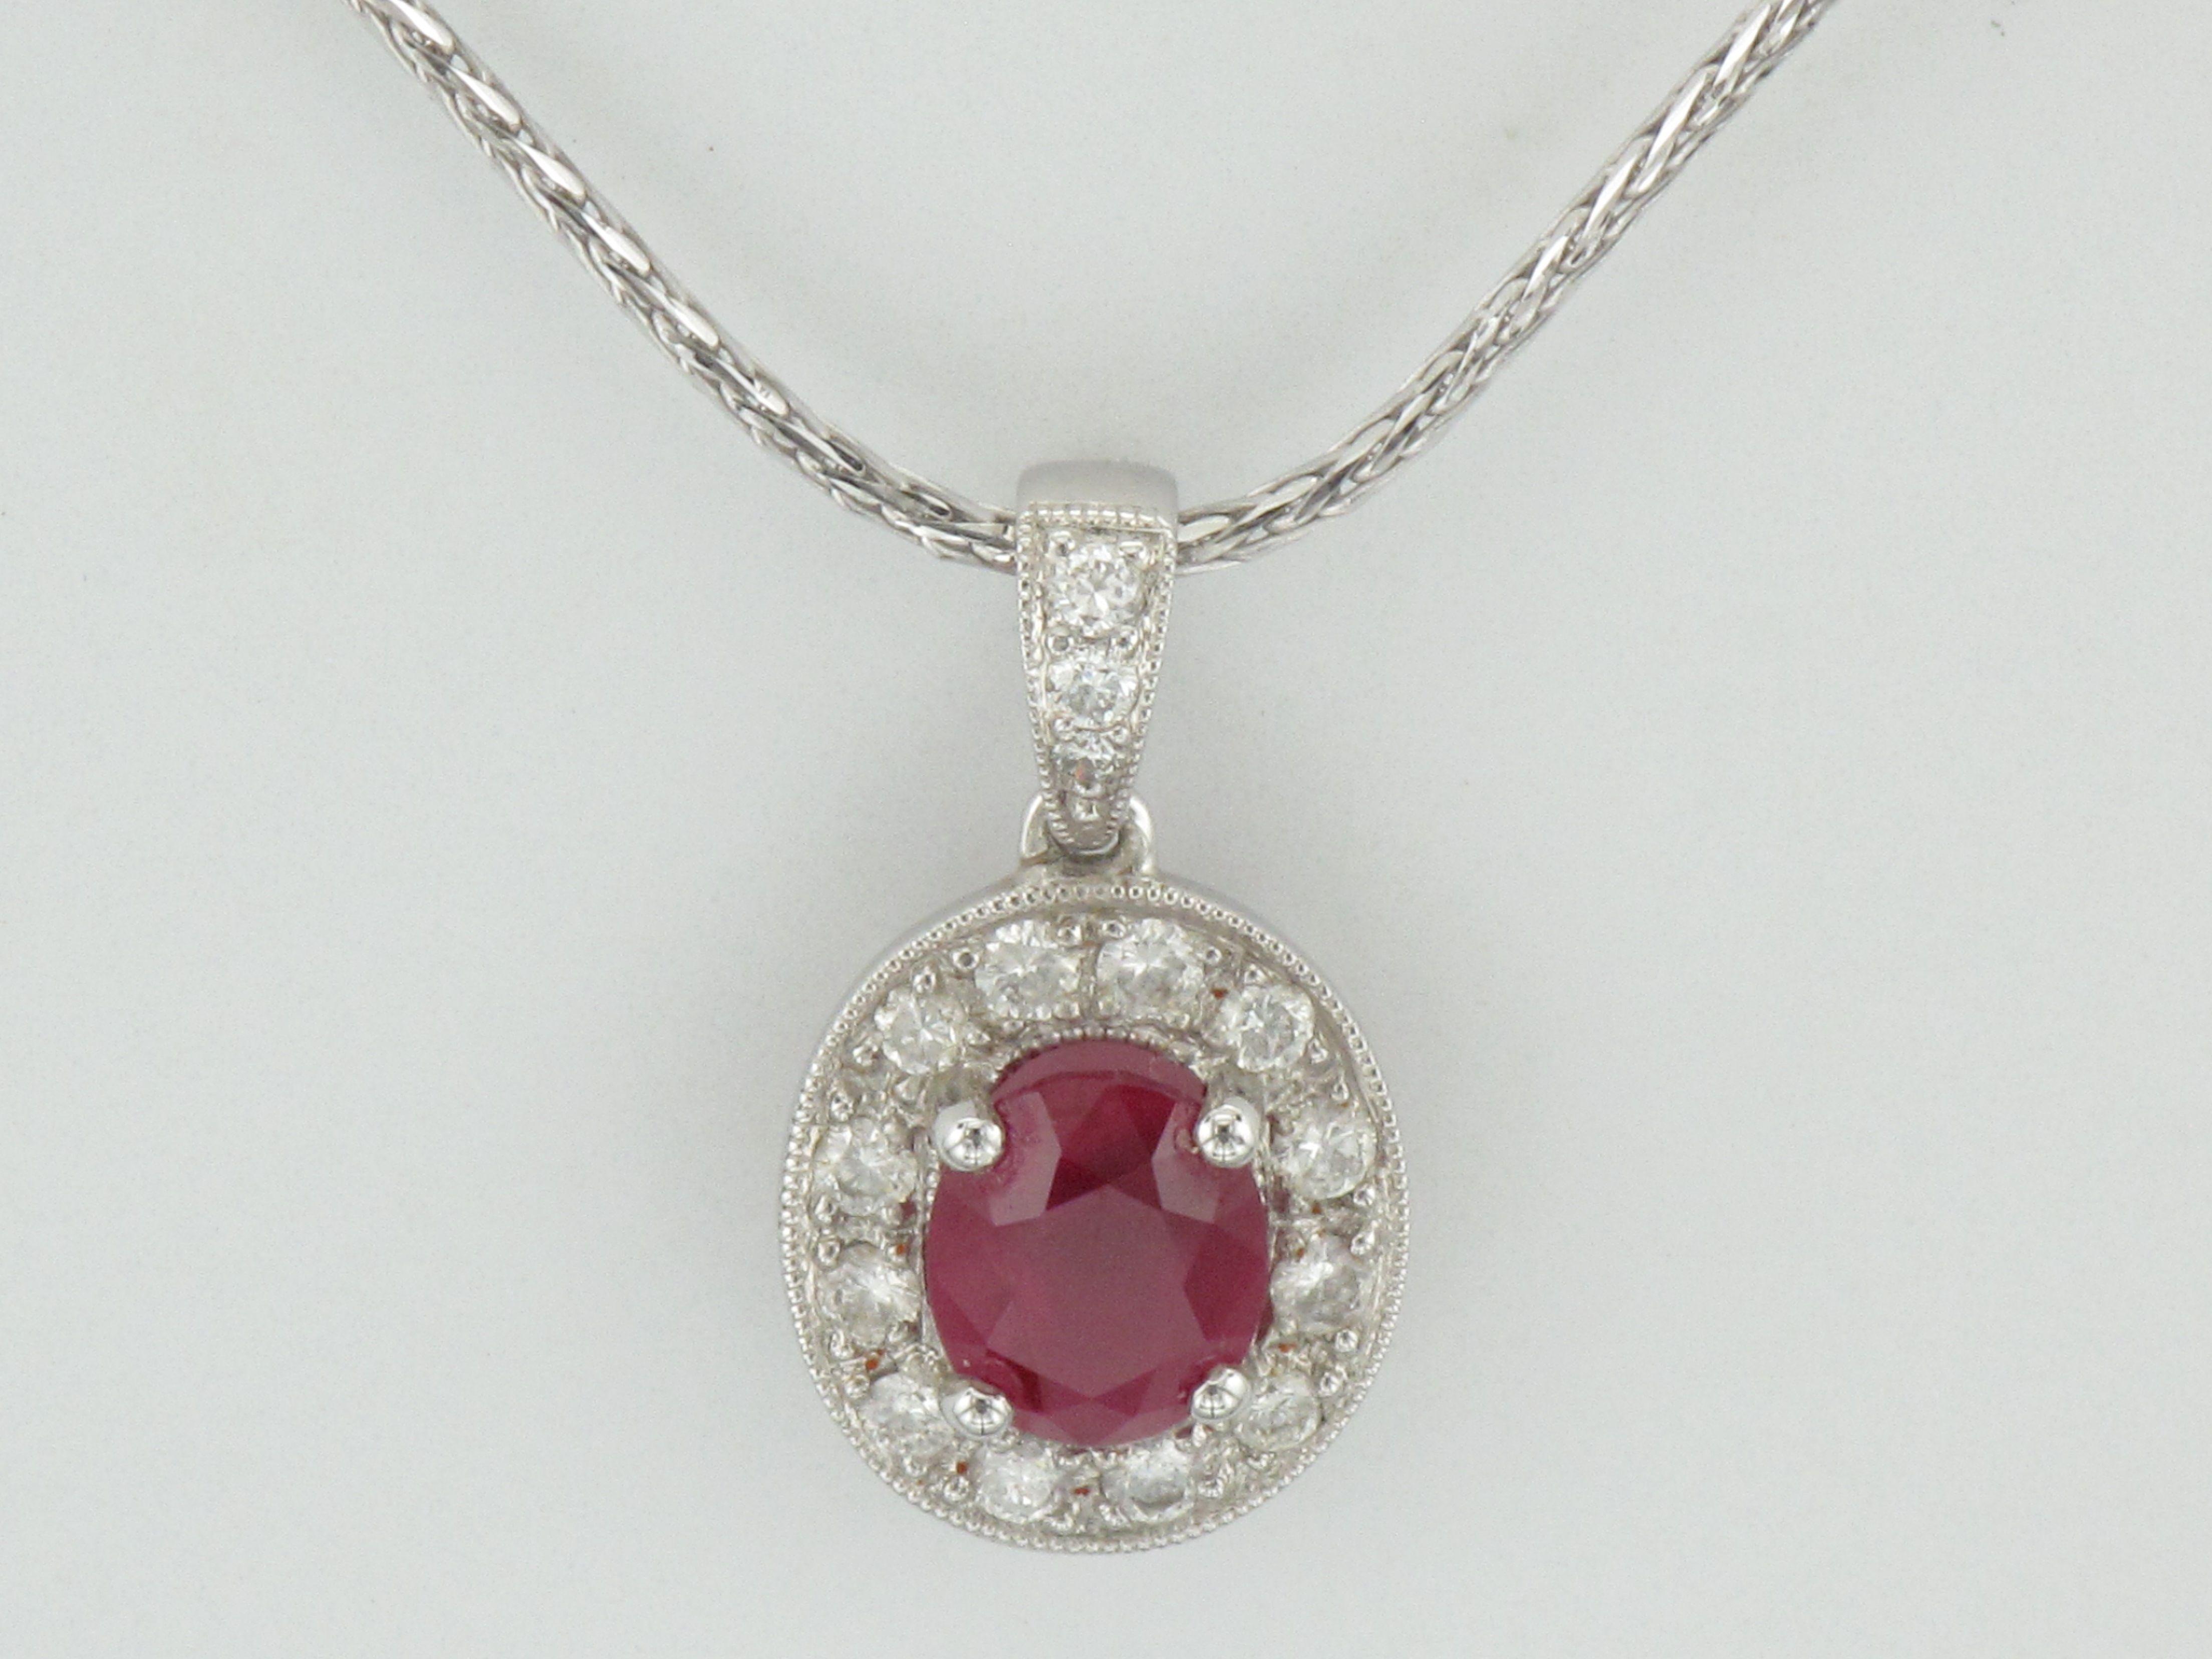 Pin by Farr's Jewelry on RUBIES Custom jewelry, Jewelry